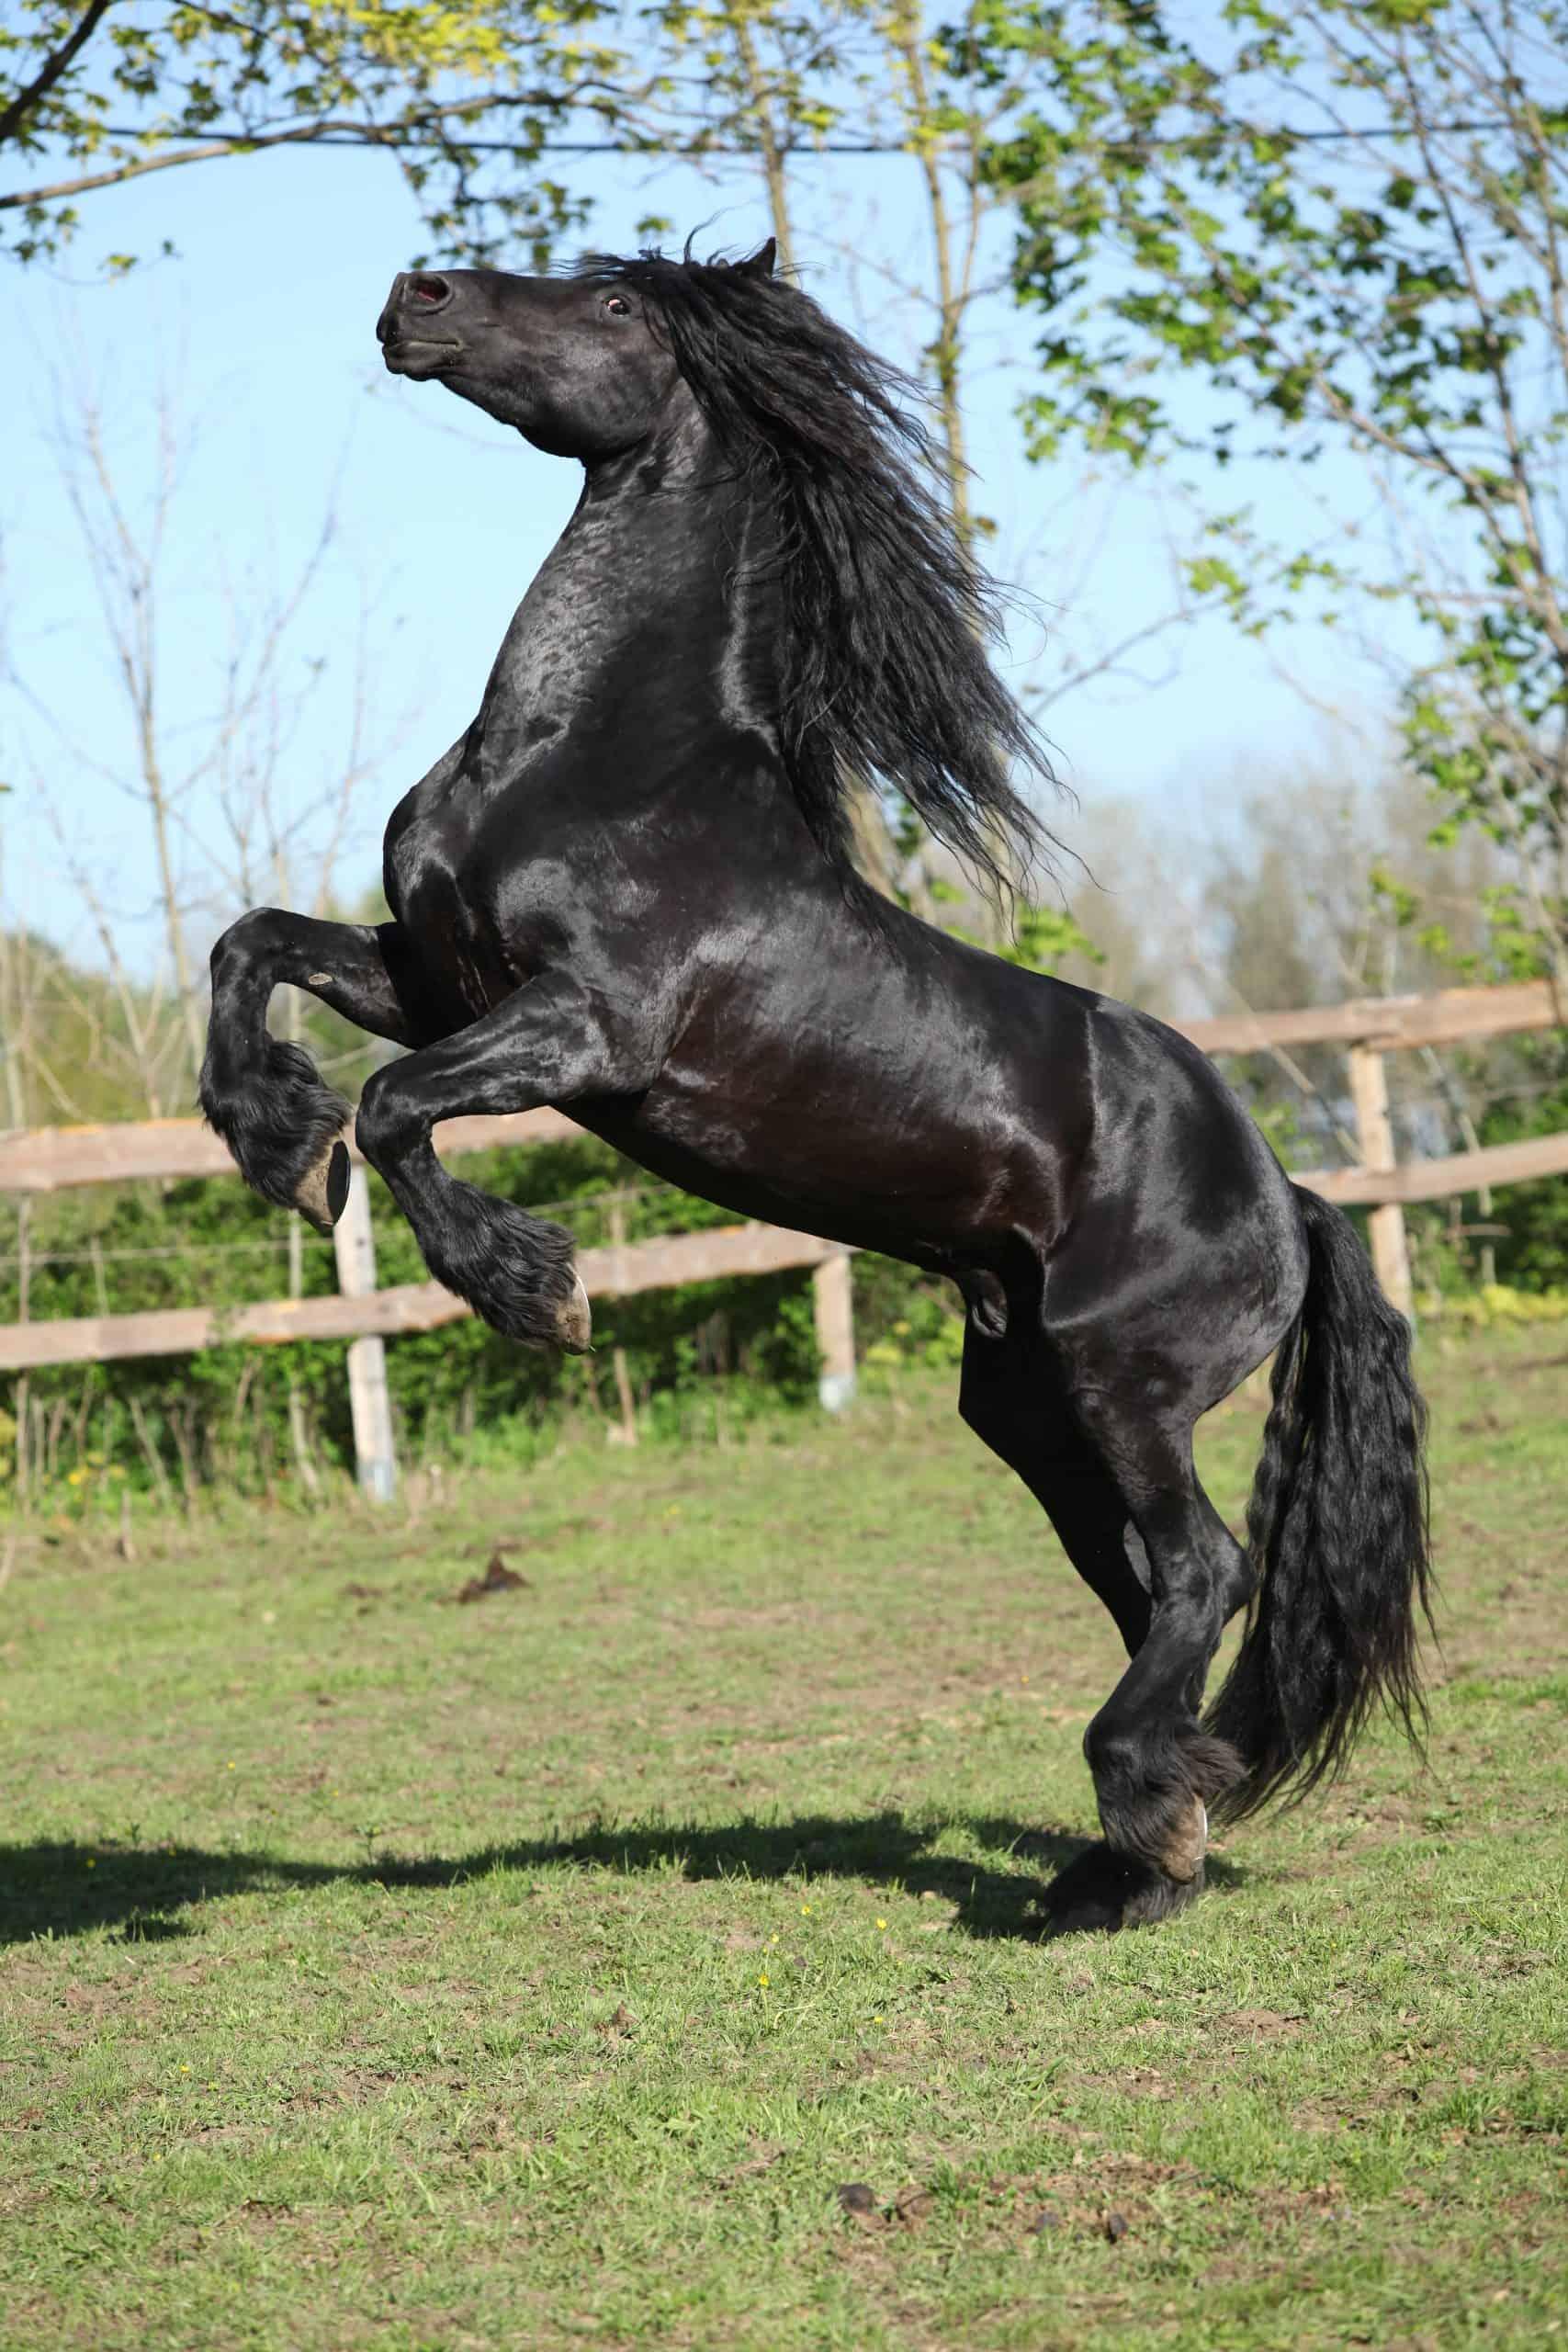 Friesian stallion prancing on pasturage